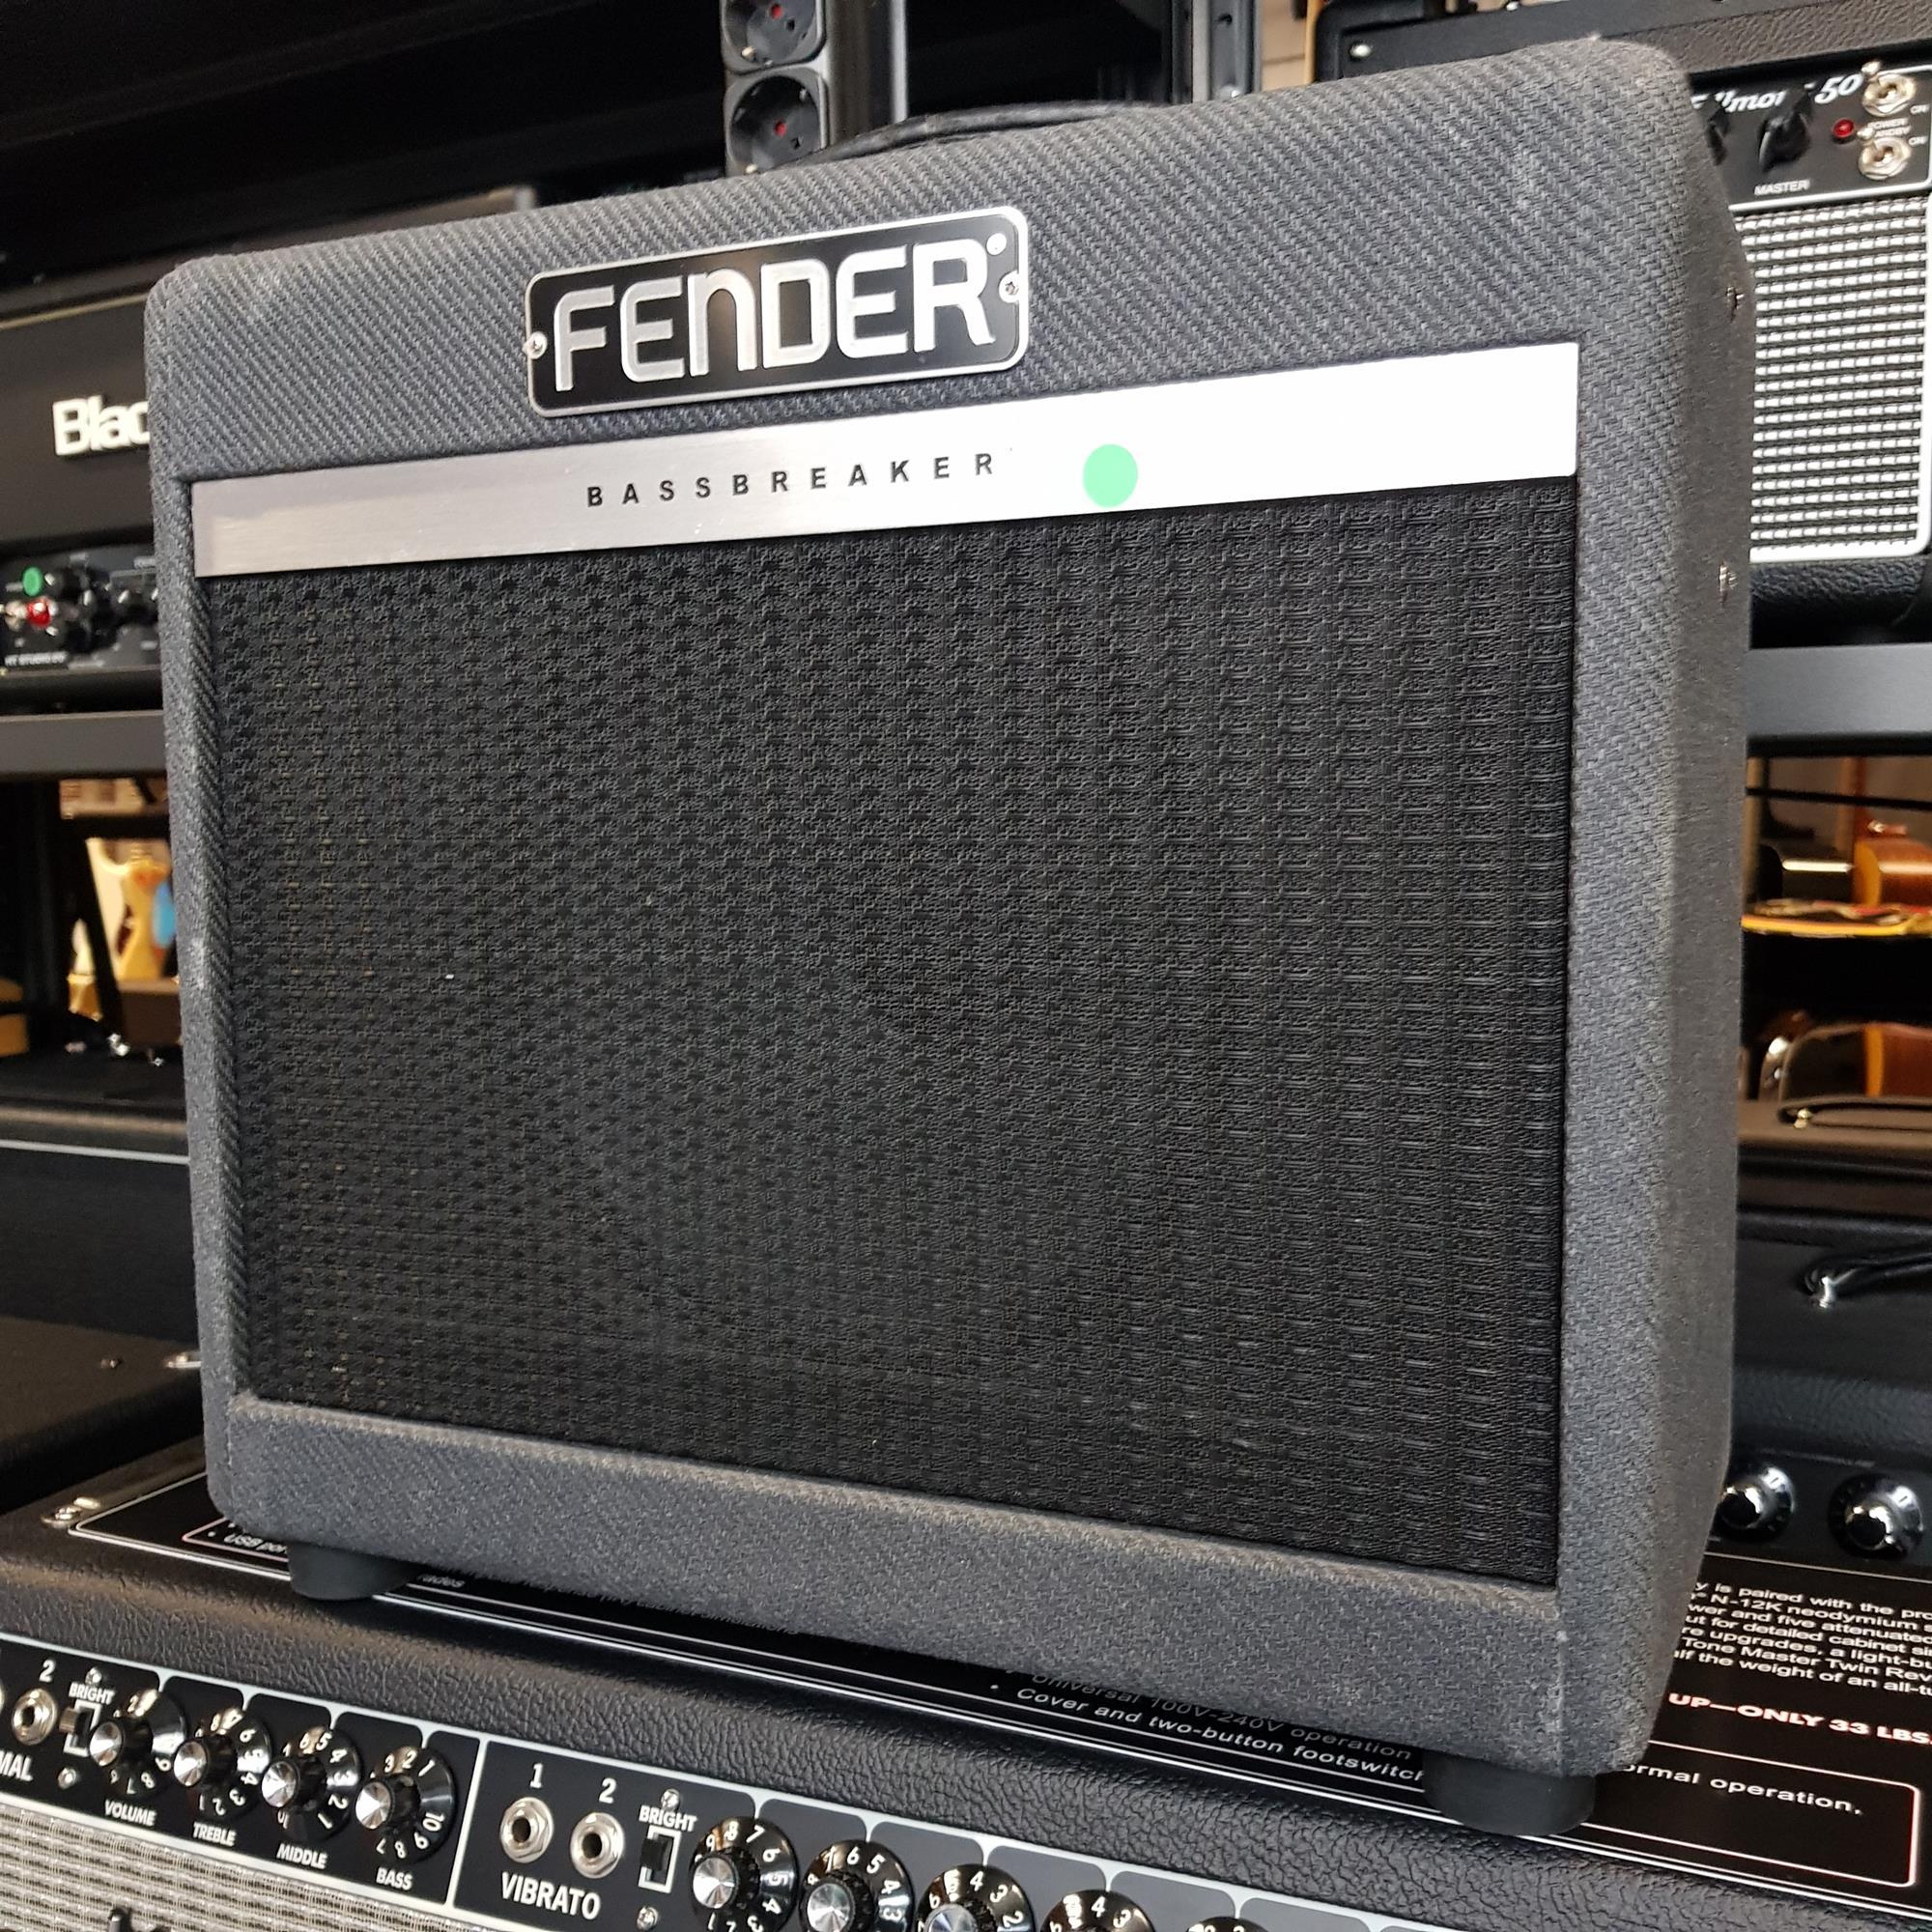 FENDER-BASSBREAKER-007-sku-1613822923682